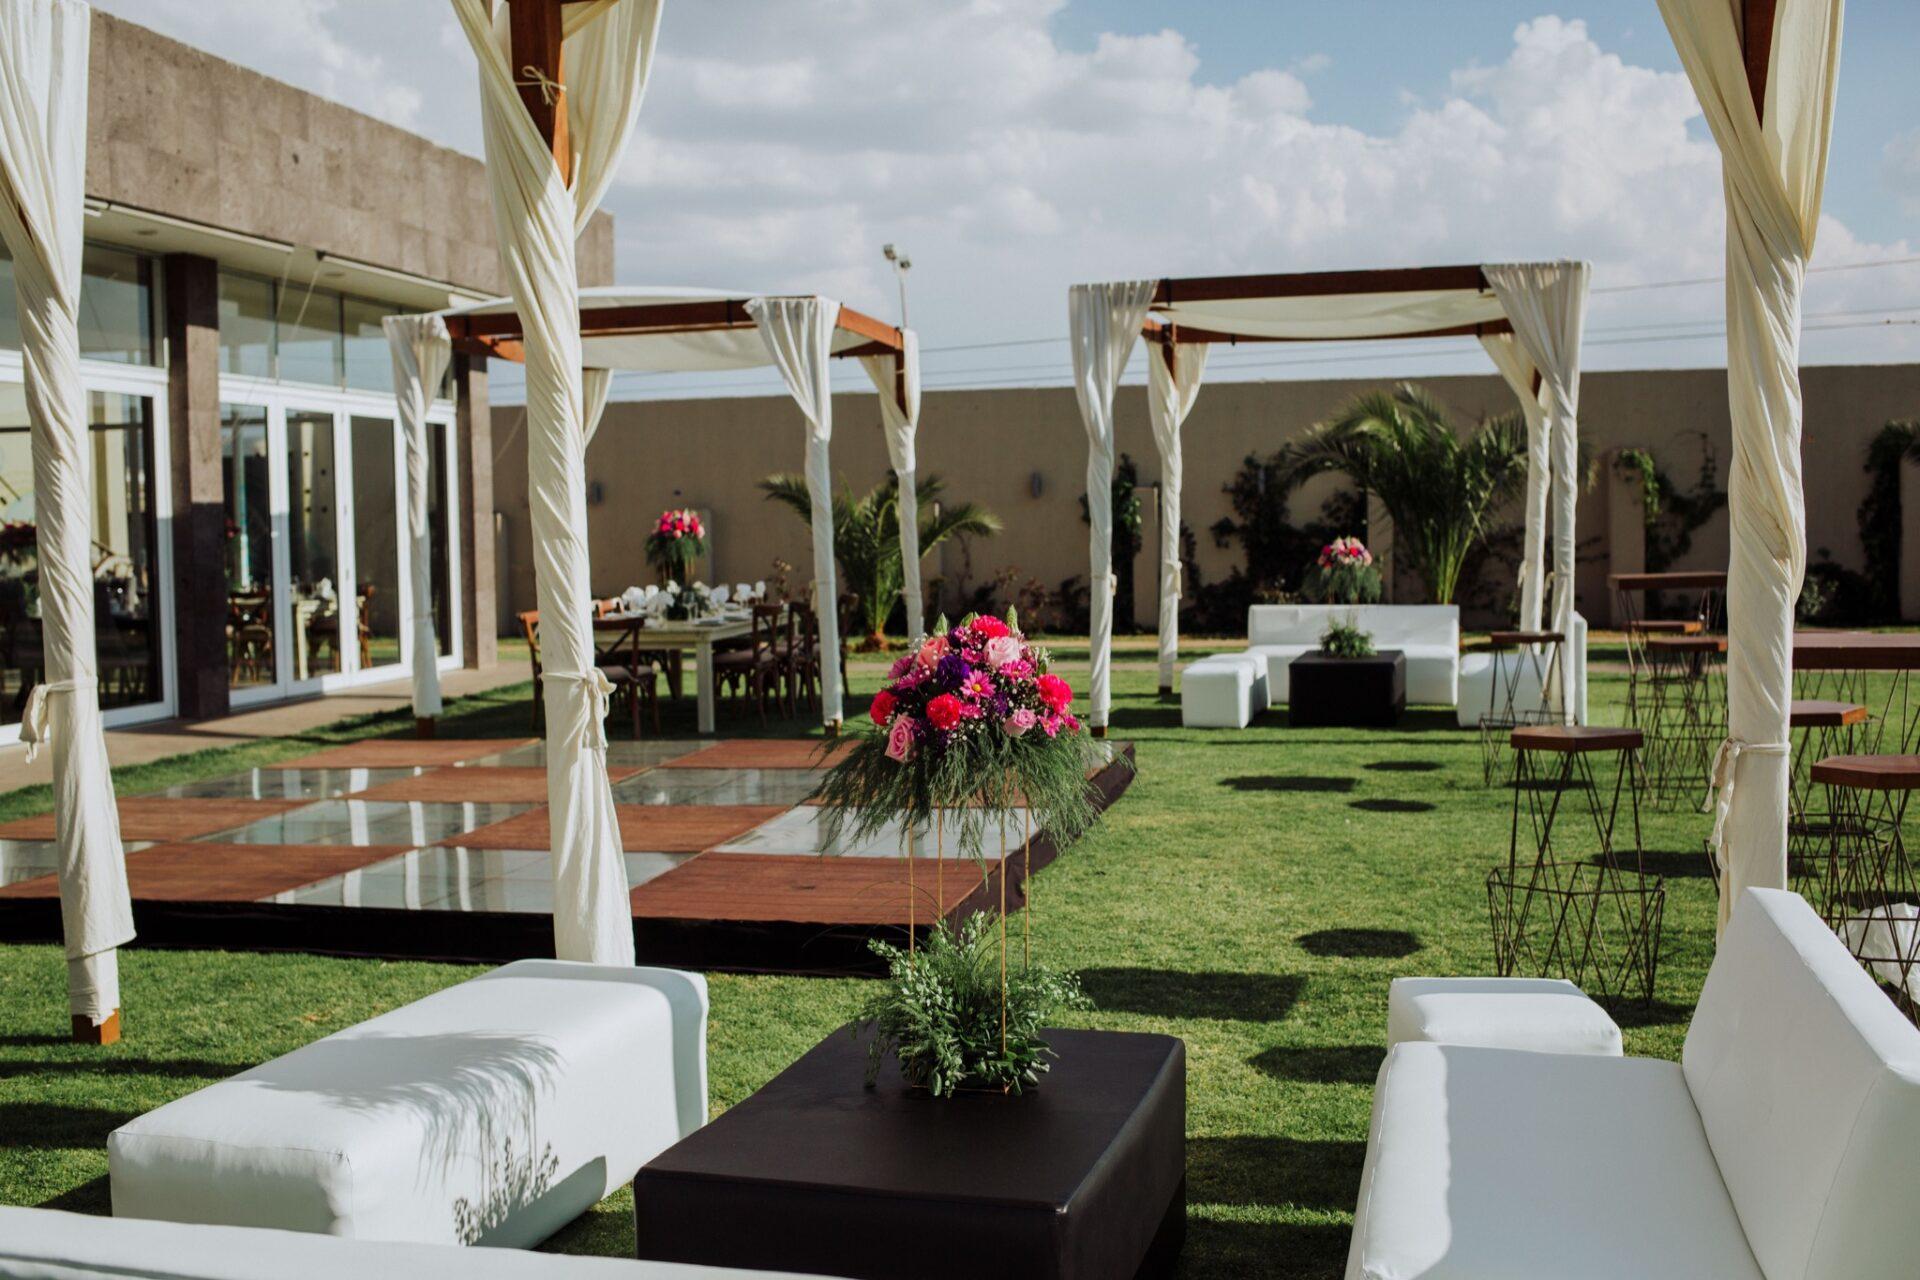 javier_noriega_fotografo_bodas_alicia_garden_zacatecas_wedding_photographer1